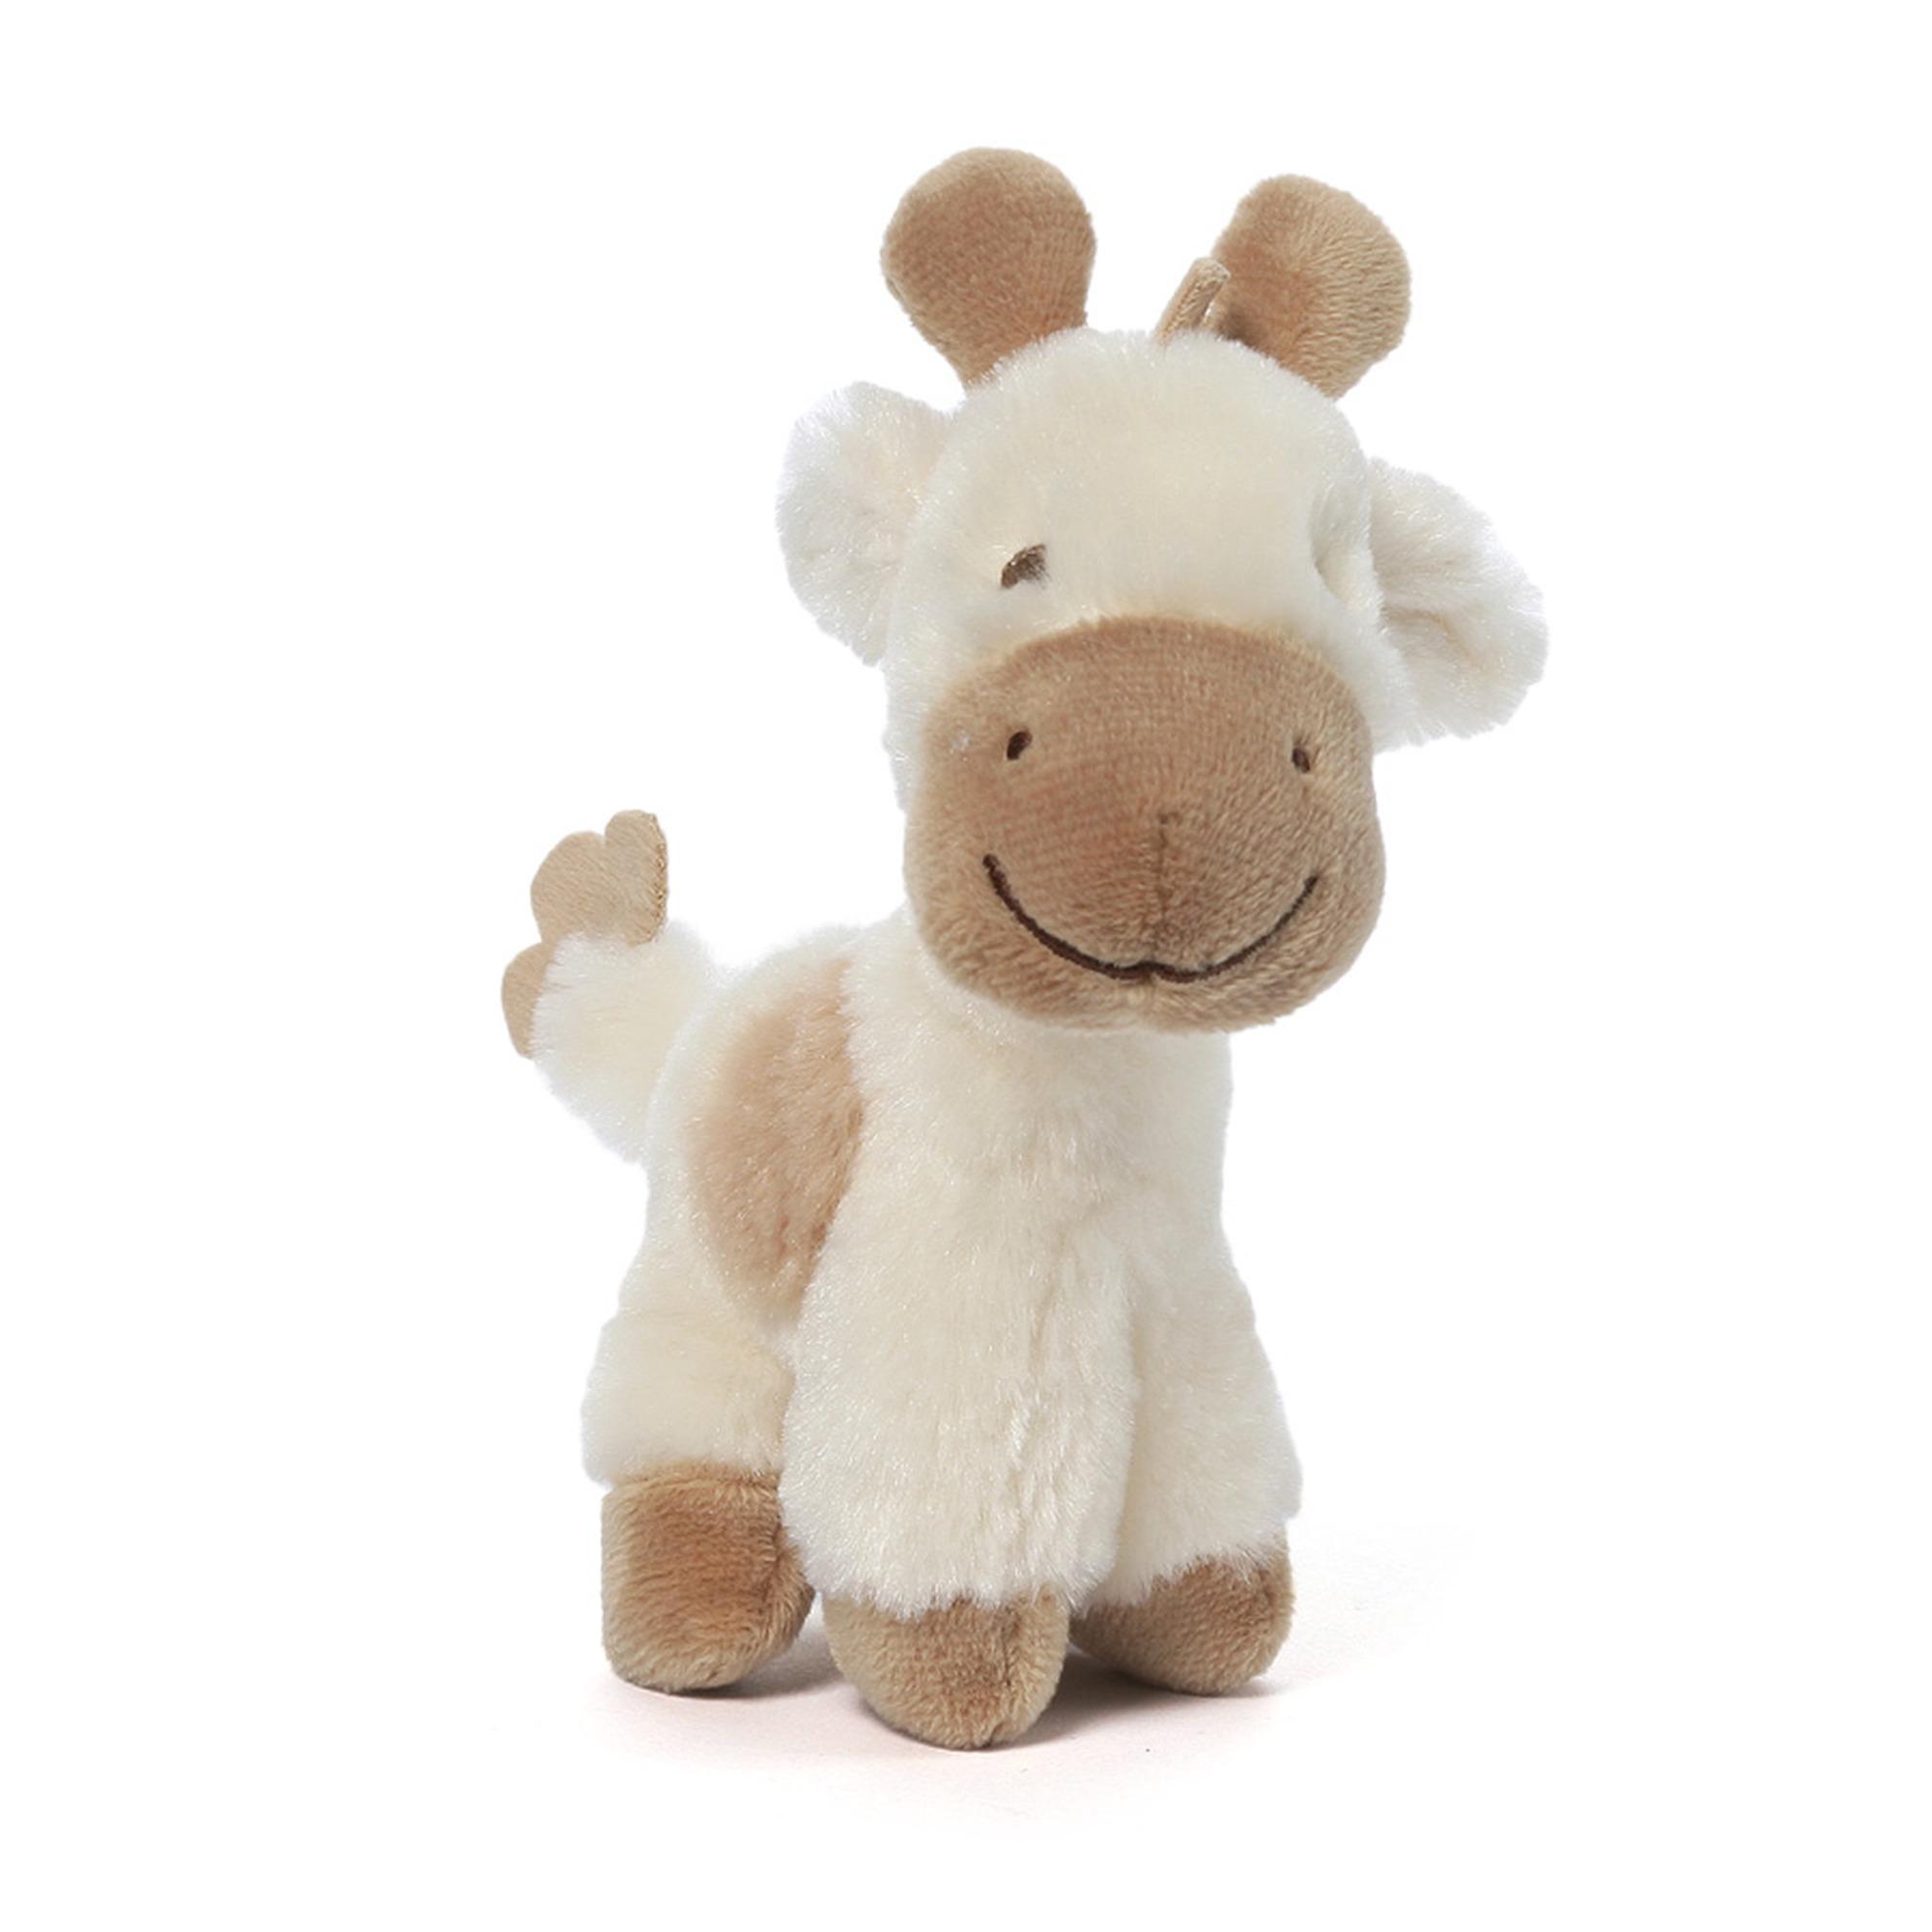 Baby-Gund-Safari-Rattle-4050804_5-high-res